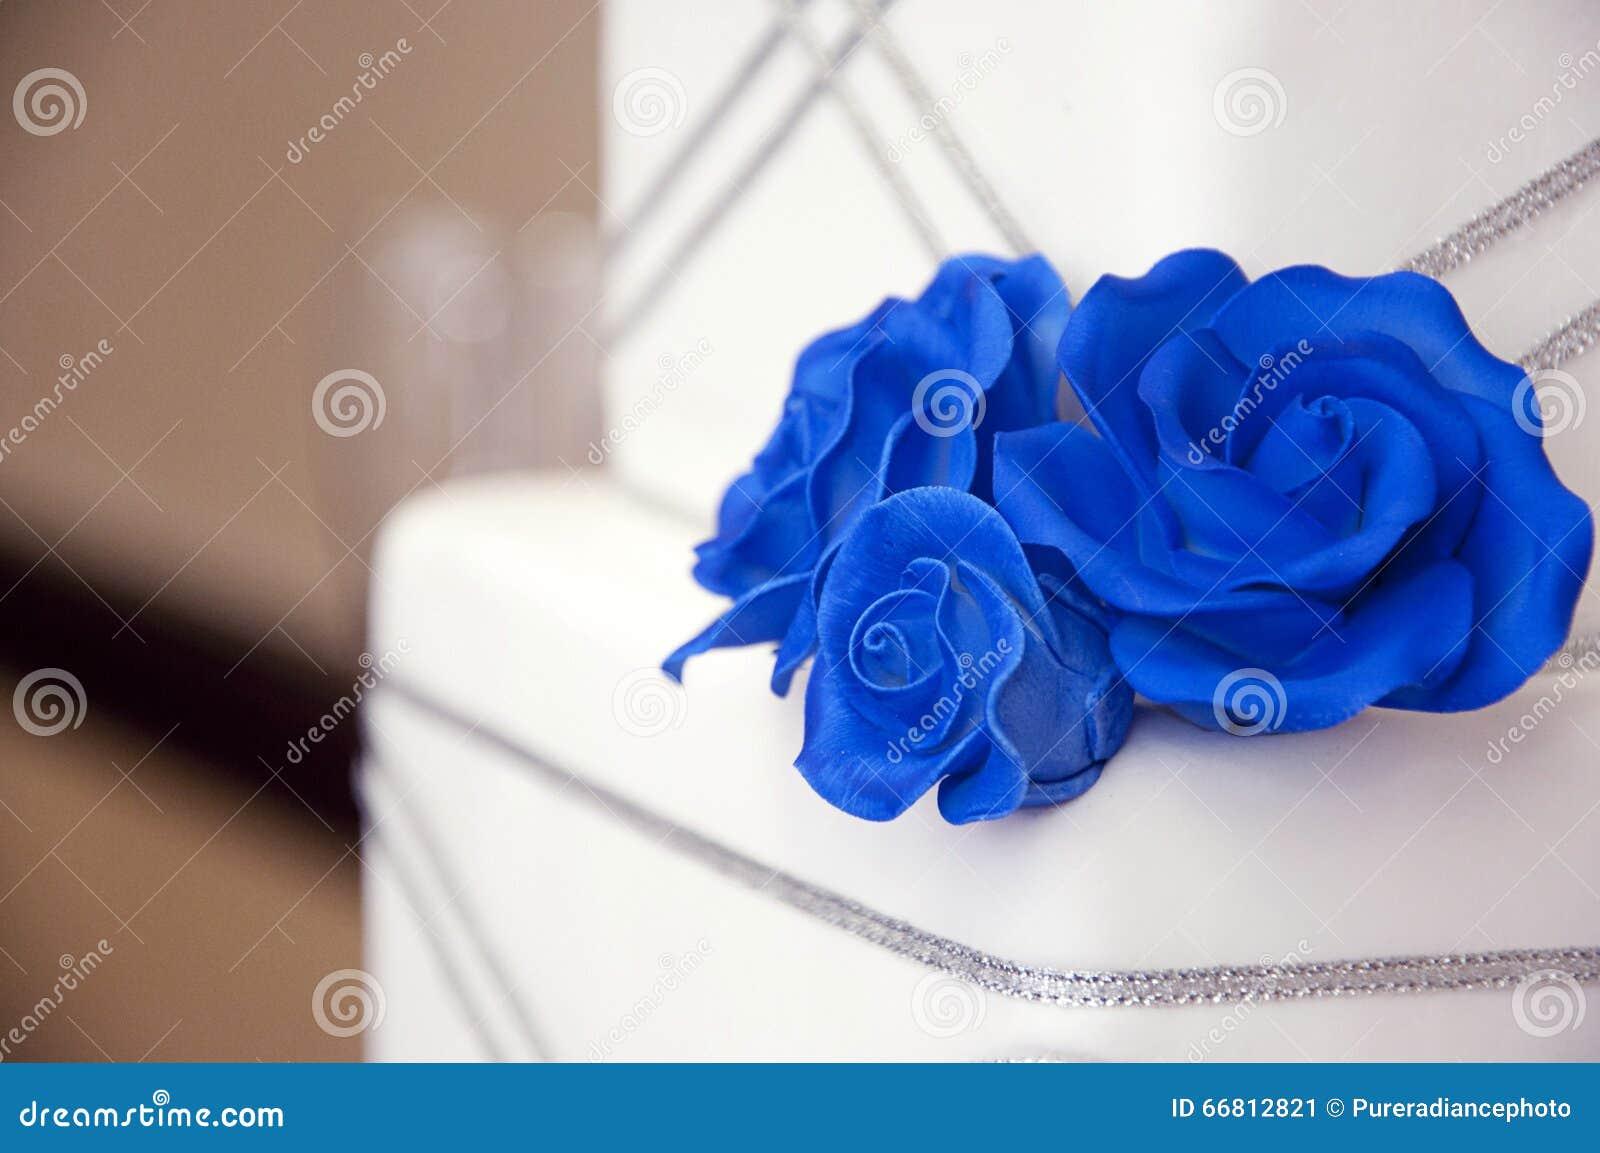 Hochzeitstorte Mit Blauen Rosen Stockbild Bild Von Blume Feier